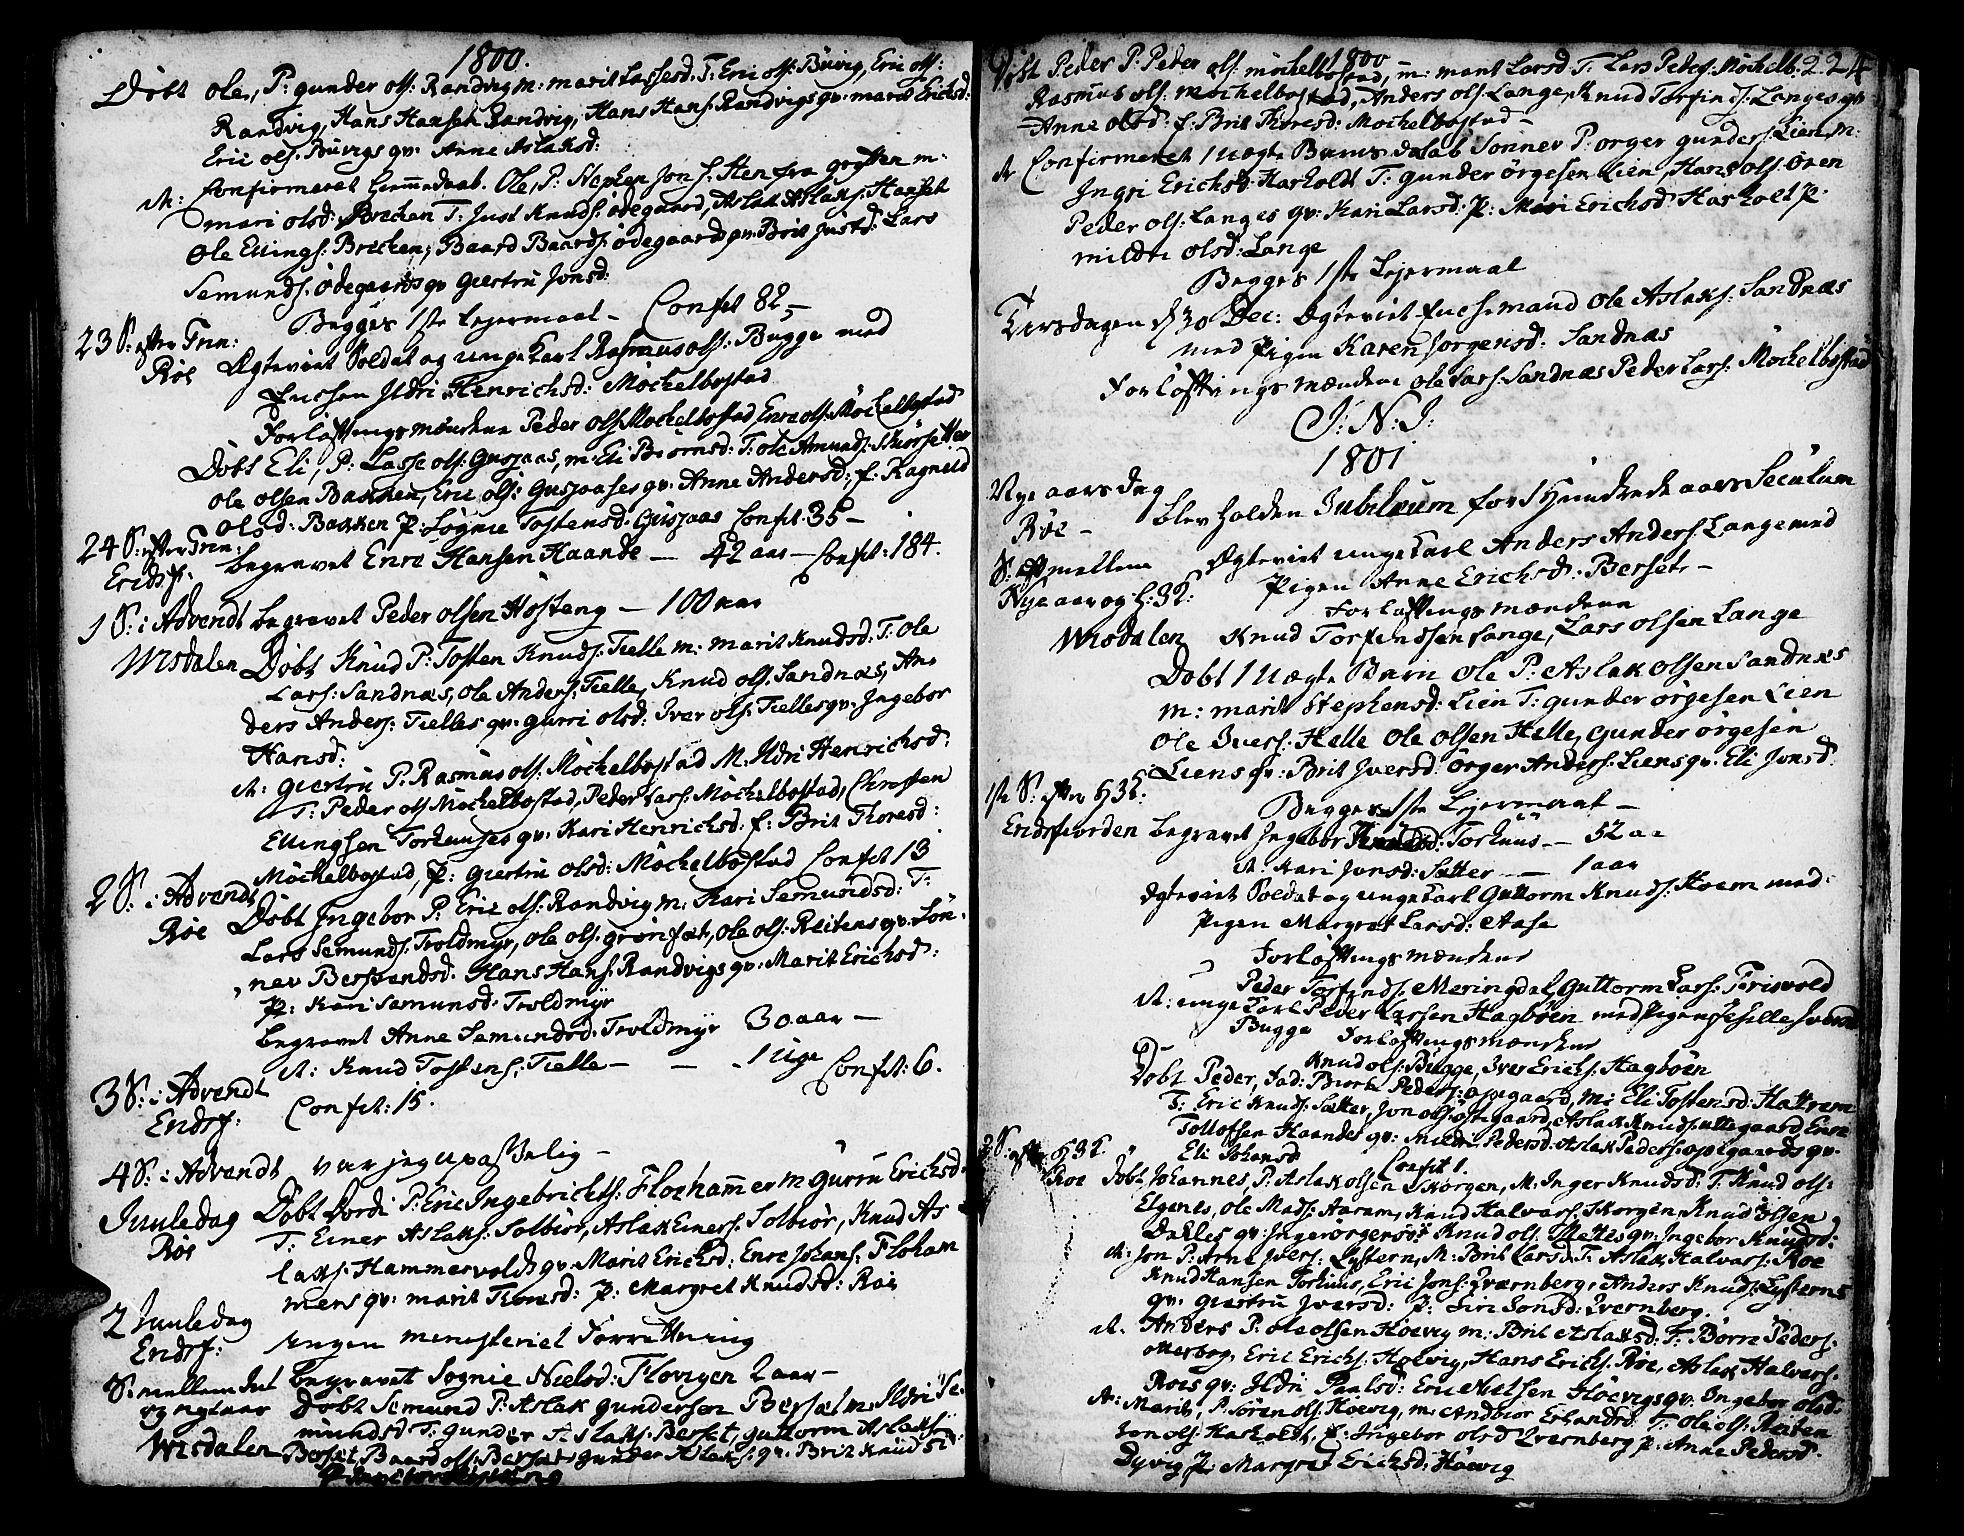 SAT, Ministerialprotokoller, klokkerbøker og fødselsregistre - Møre og Romsdal, 551/L0621: Ministerialbok nr. 551A01, 1757-1803, s. 224